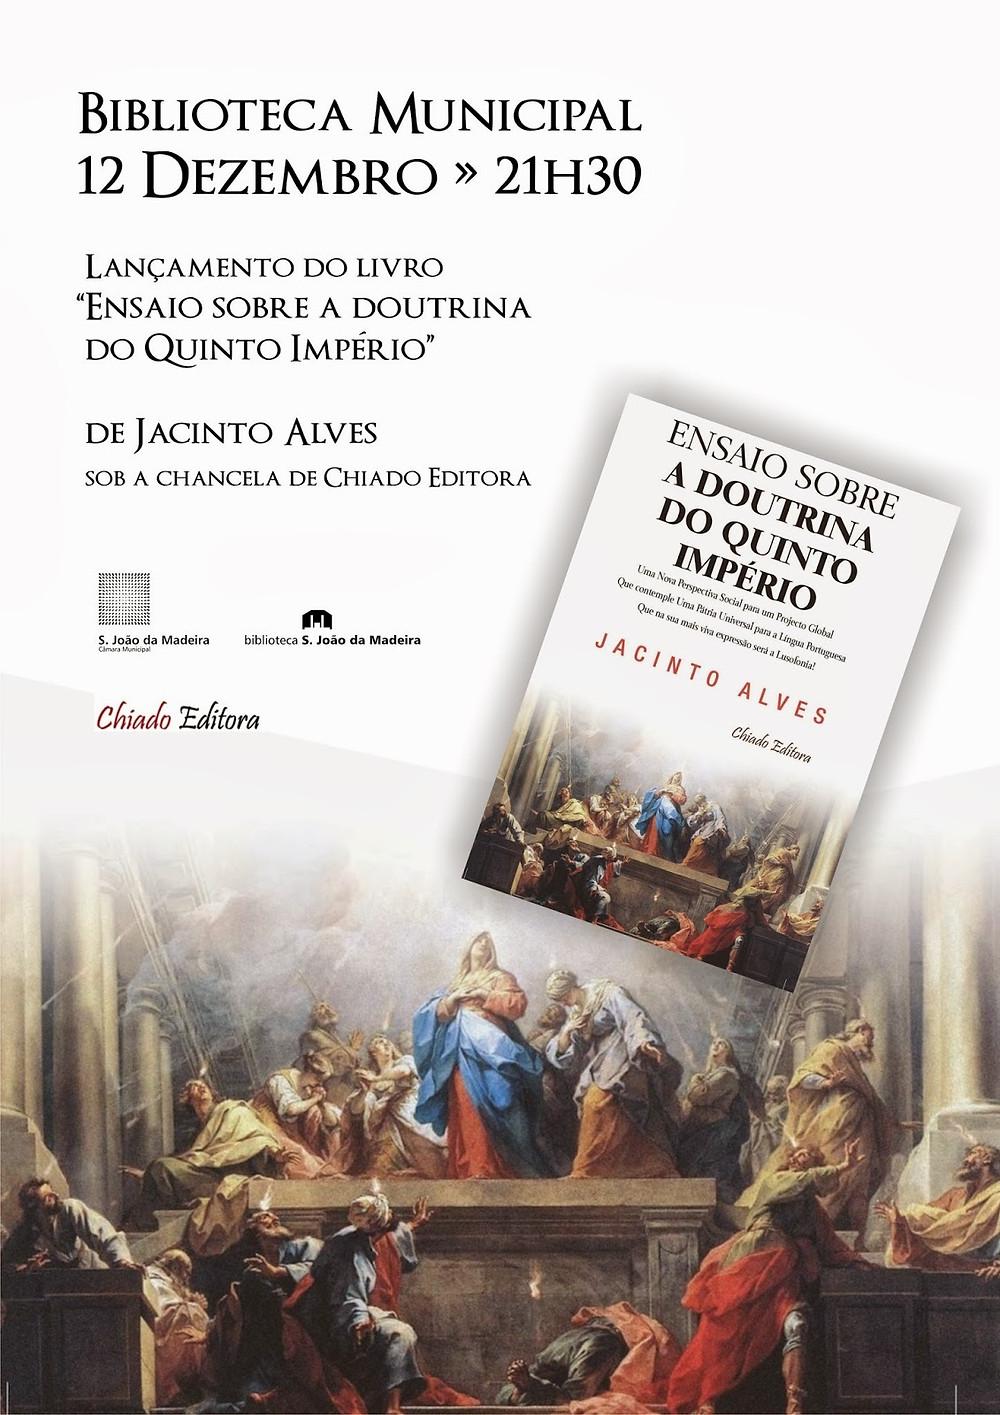 Ensaio sobre a DOUTRINA DO QUINTO IMPÉRIO | Jacinto Alves, 33º, Supremo Conselho de Portugal